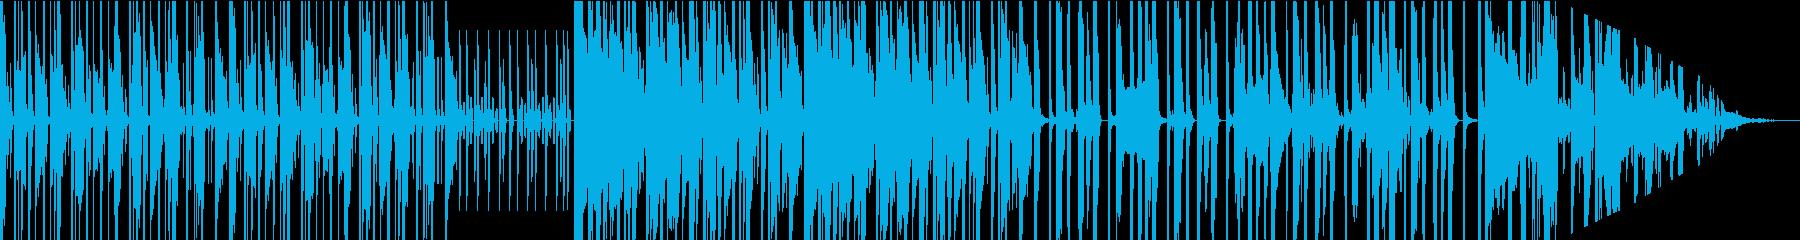 スラップとSAXがおしゃれなDJサウンドの再生済みの波形